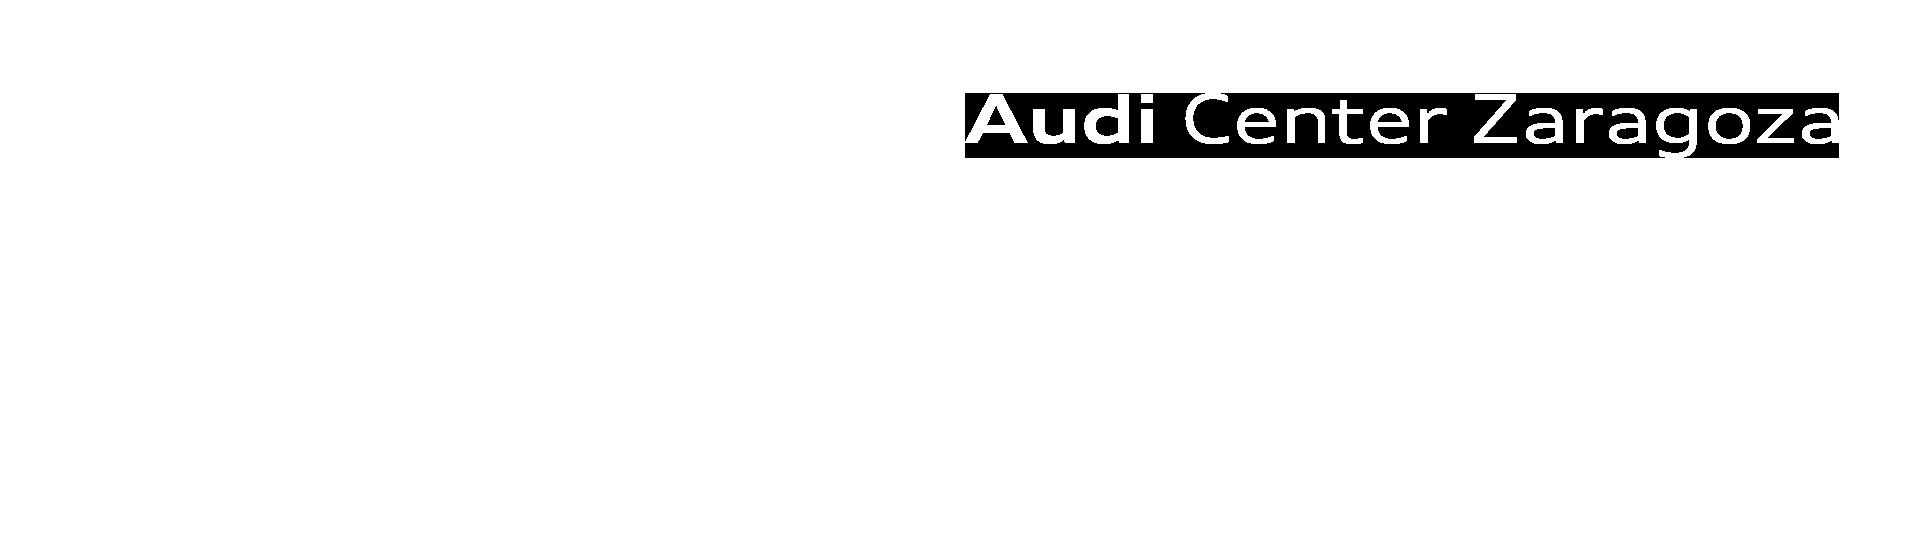 Audi Center Zaragoza